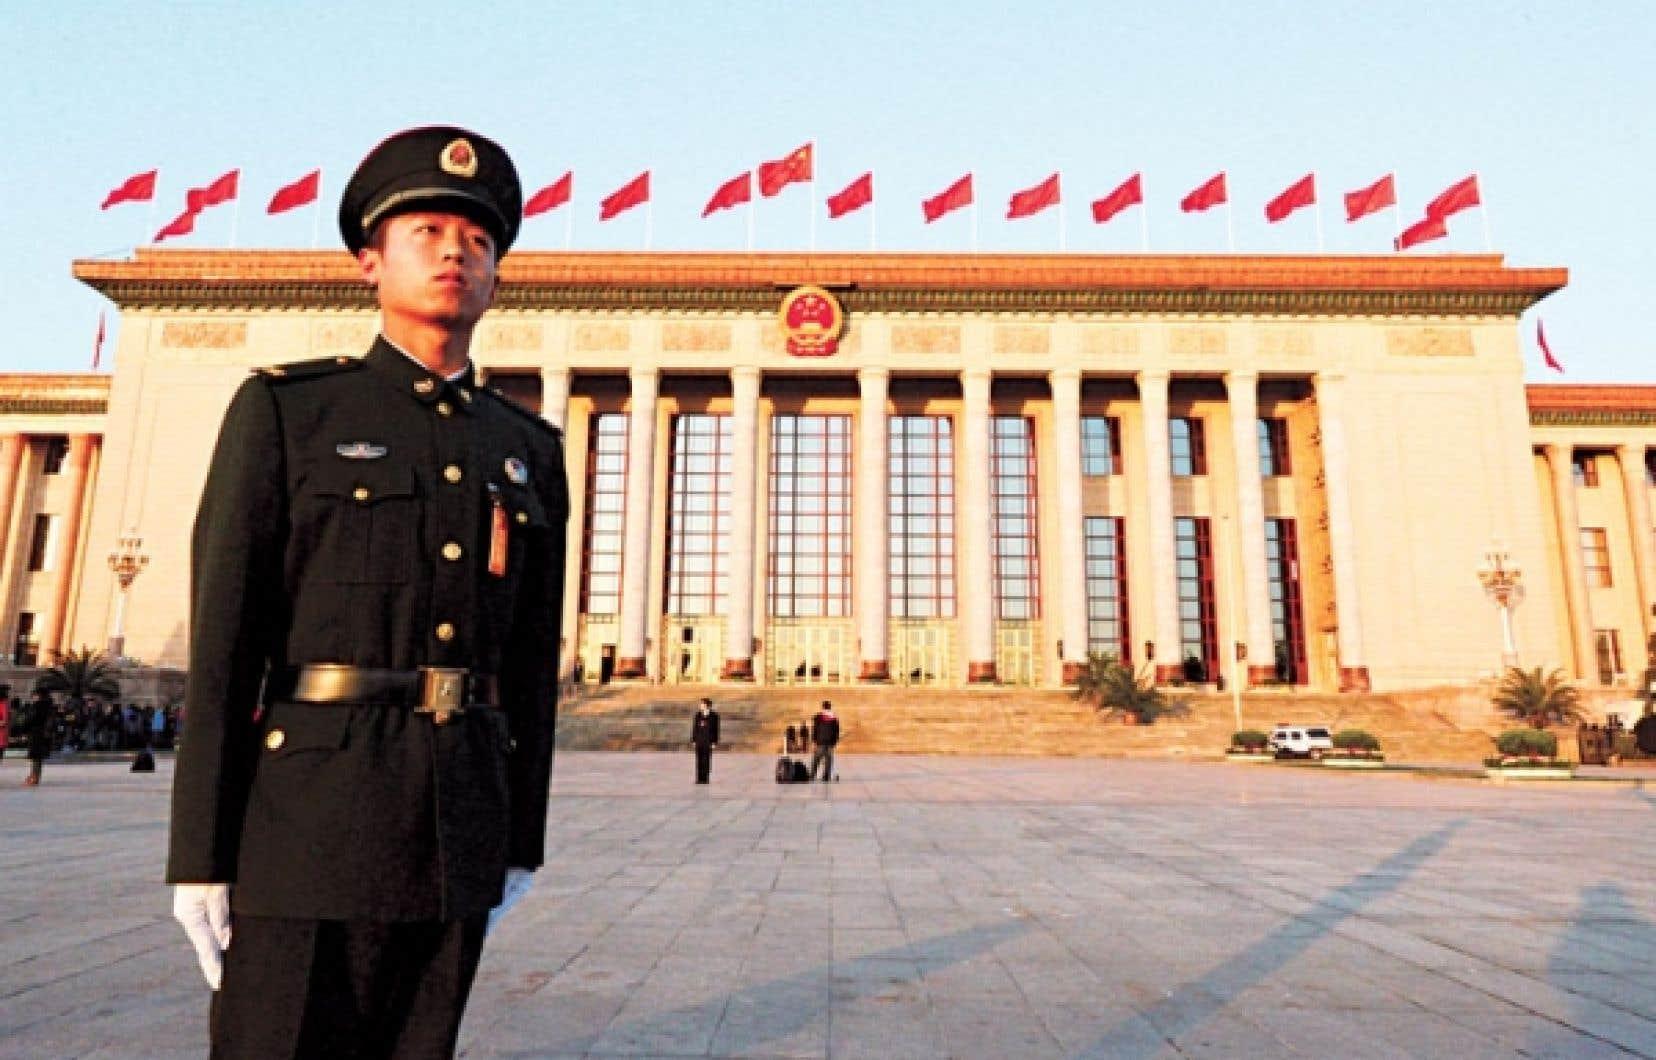 2 270 représentants civils et militaires participent au congrès du PCC sous bonne garde.